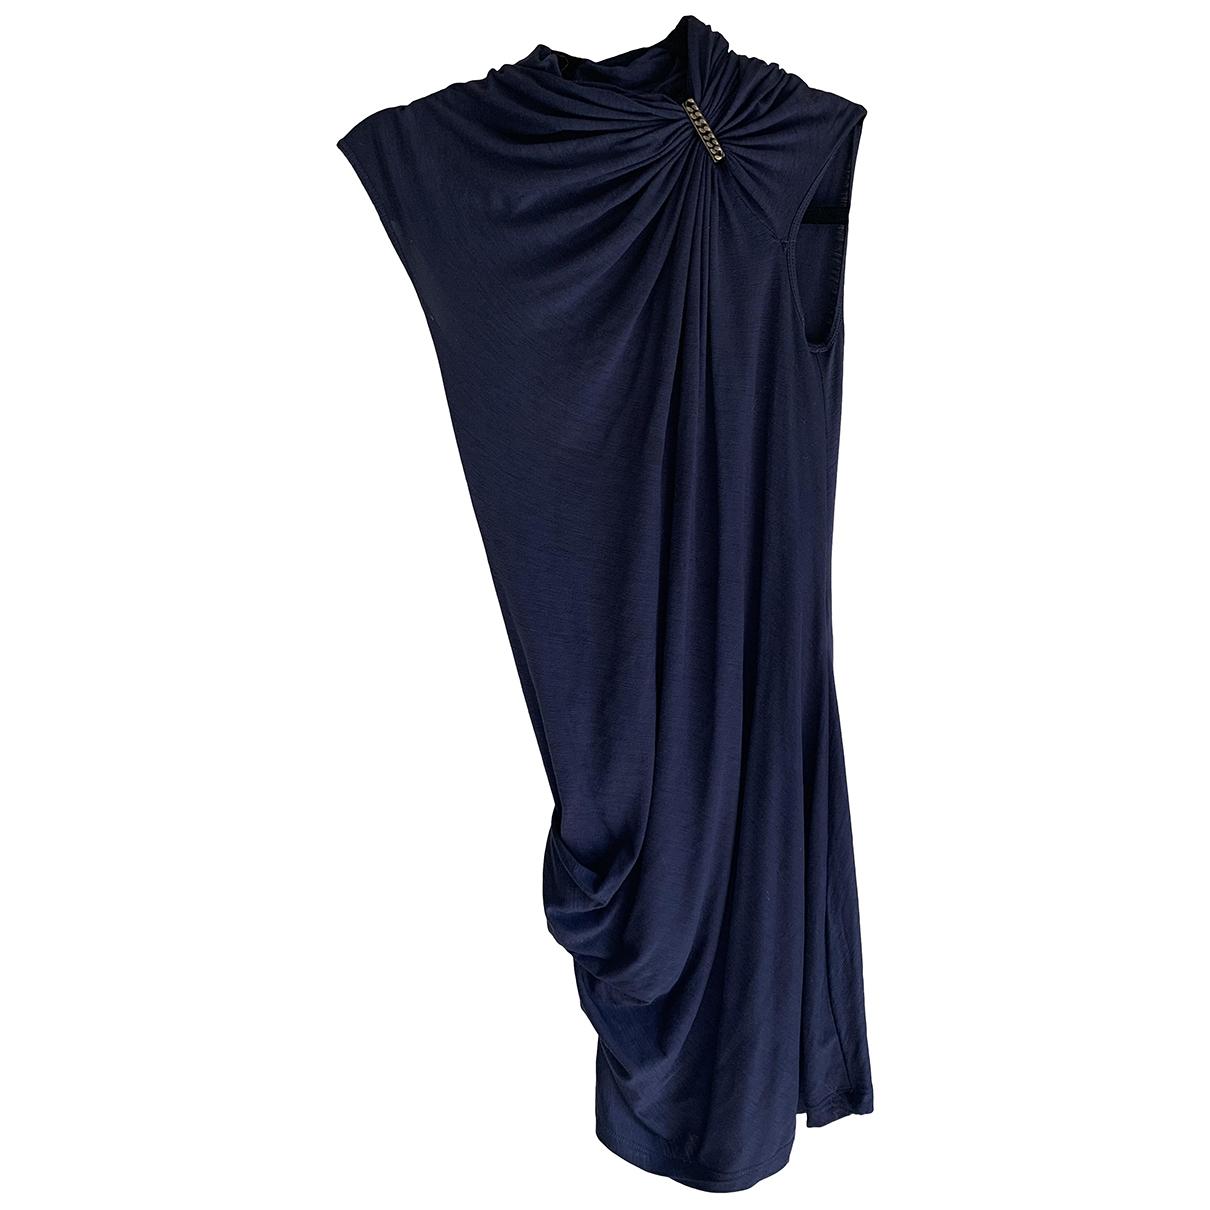 Plein Sud - Robe   pour femme en laine - bleu